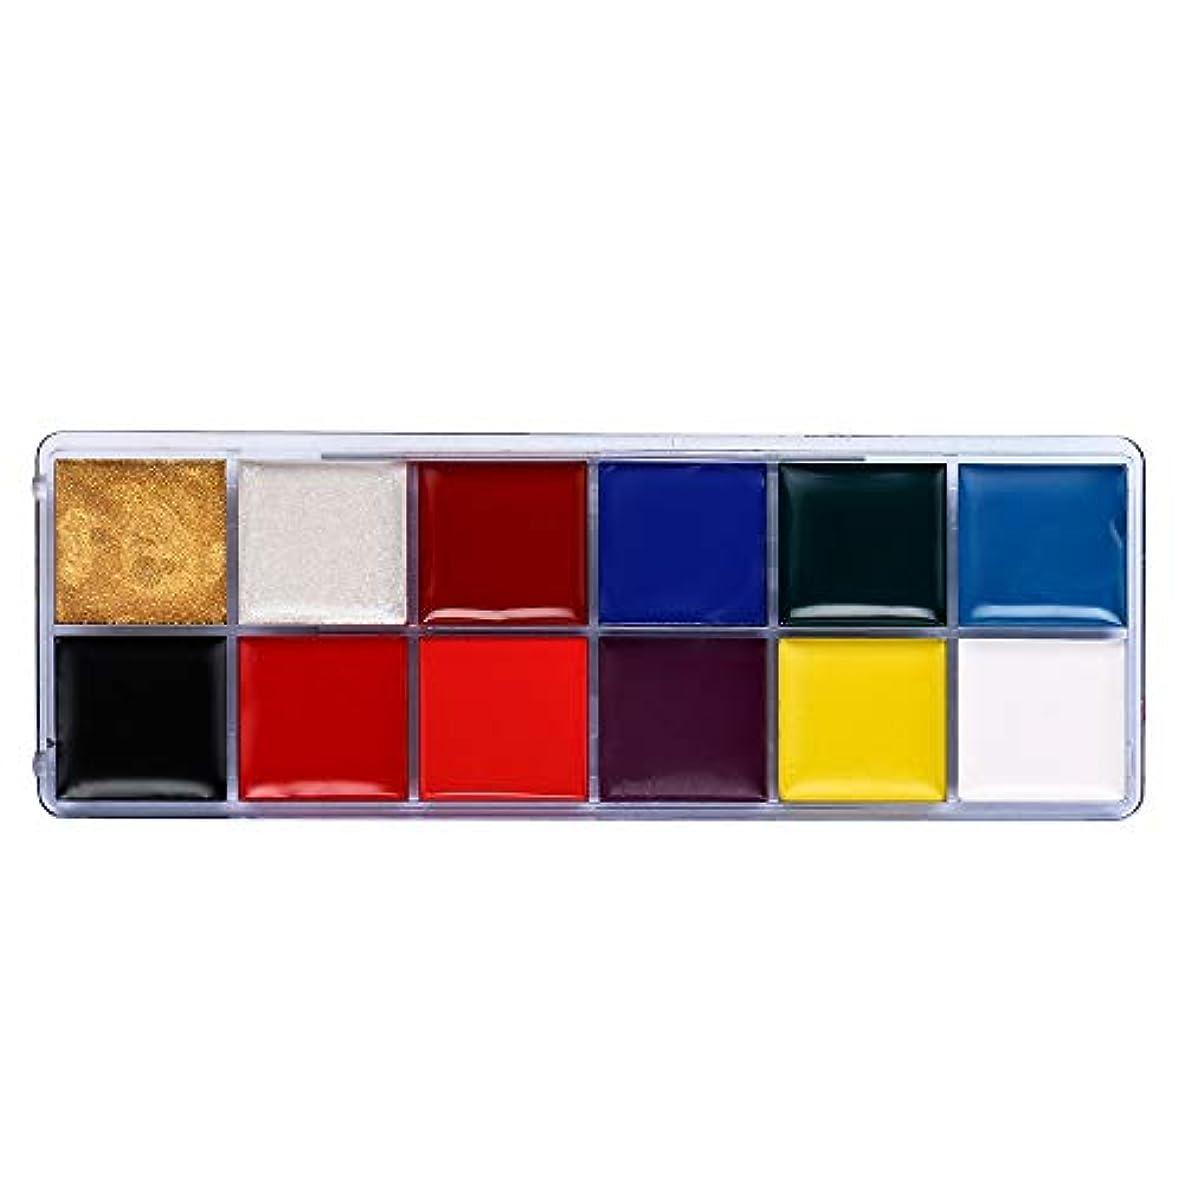 ボウリング見つける腹痛12色ボディ塗装オイルカラードラマピエロハロウィンメイクアップフェイスカラー